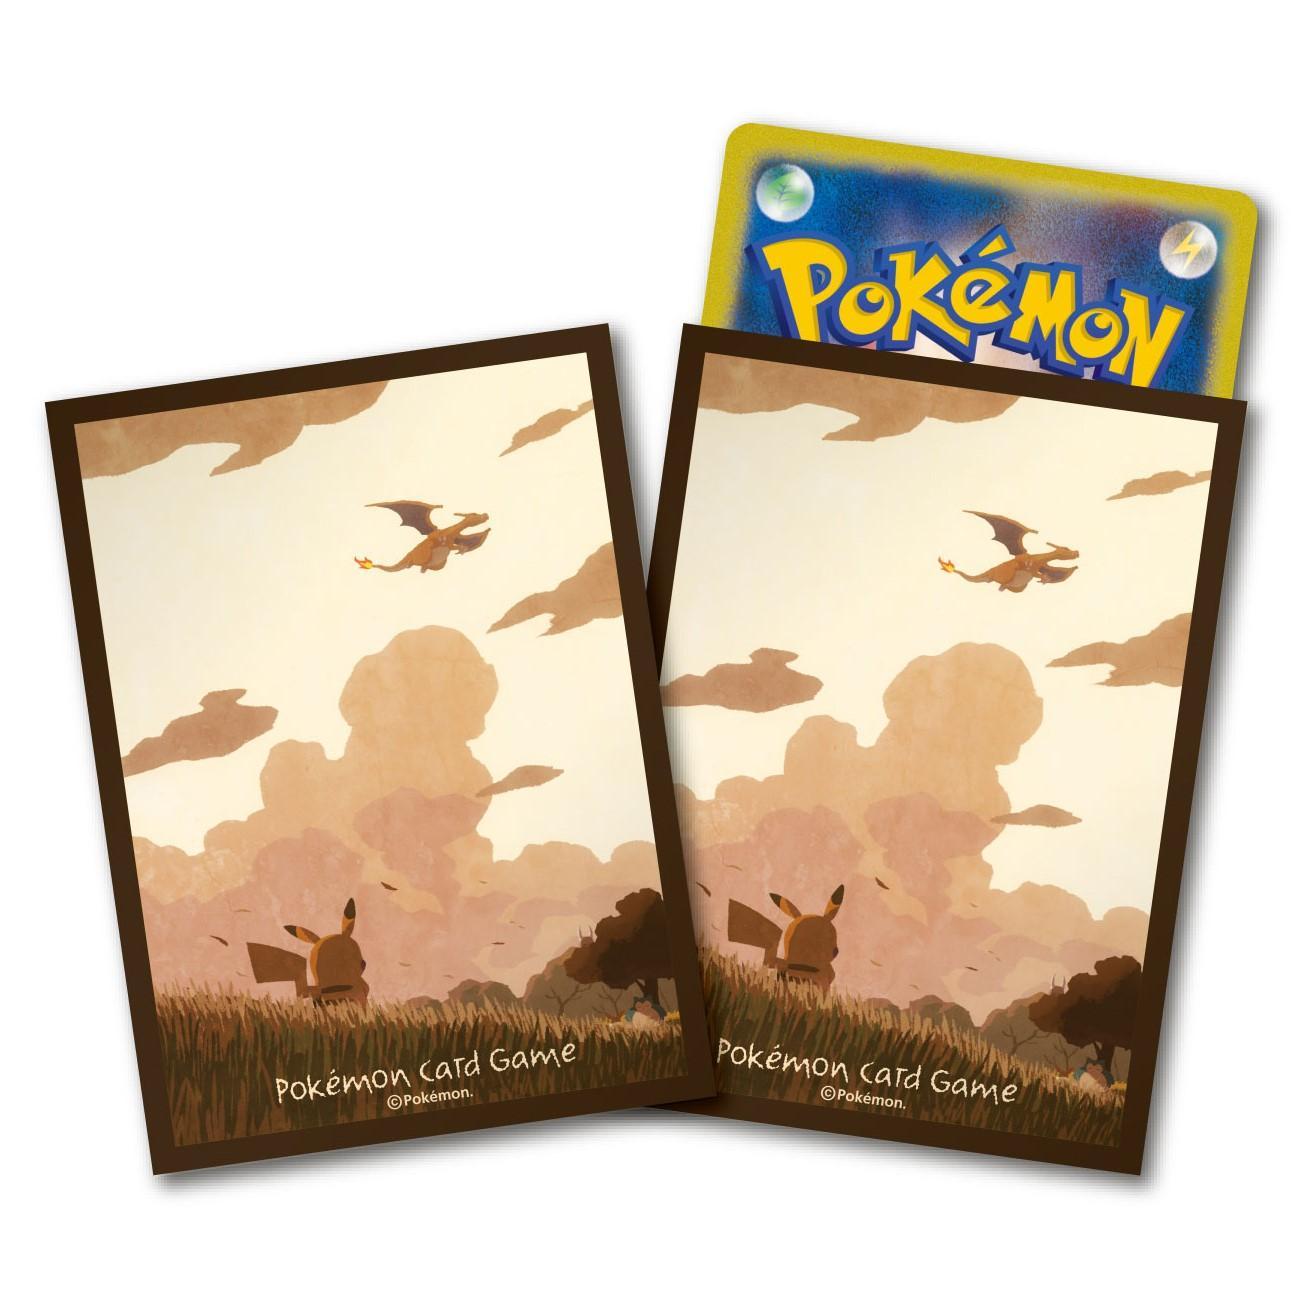 神奇寶貝 卡牌收集卡套 Pokemon - Deck Shield 寶可夢主題標準尺寸卡套 皮卡丘與天空